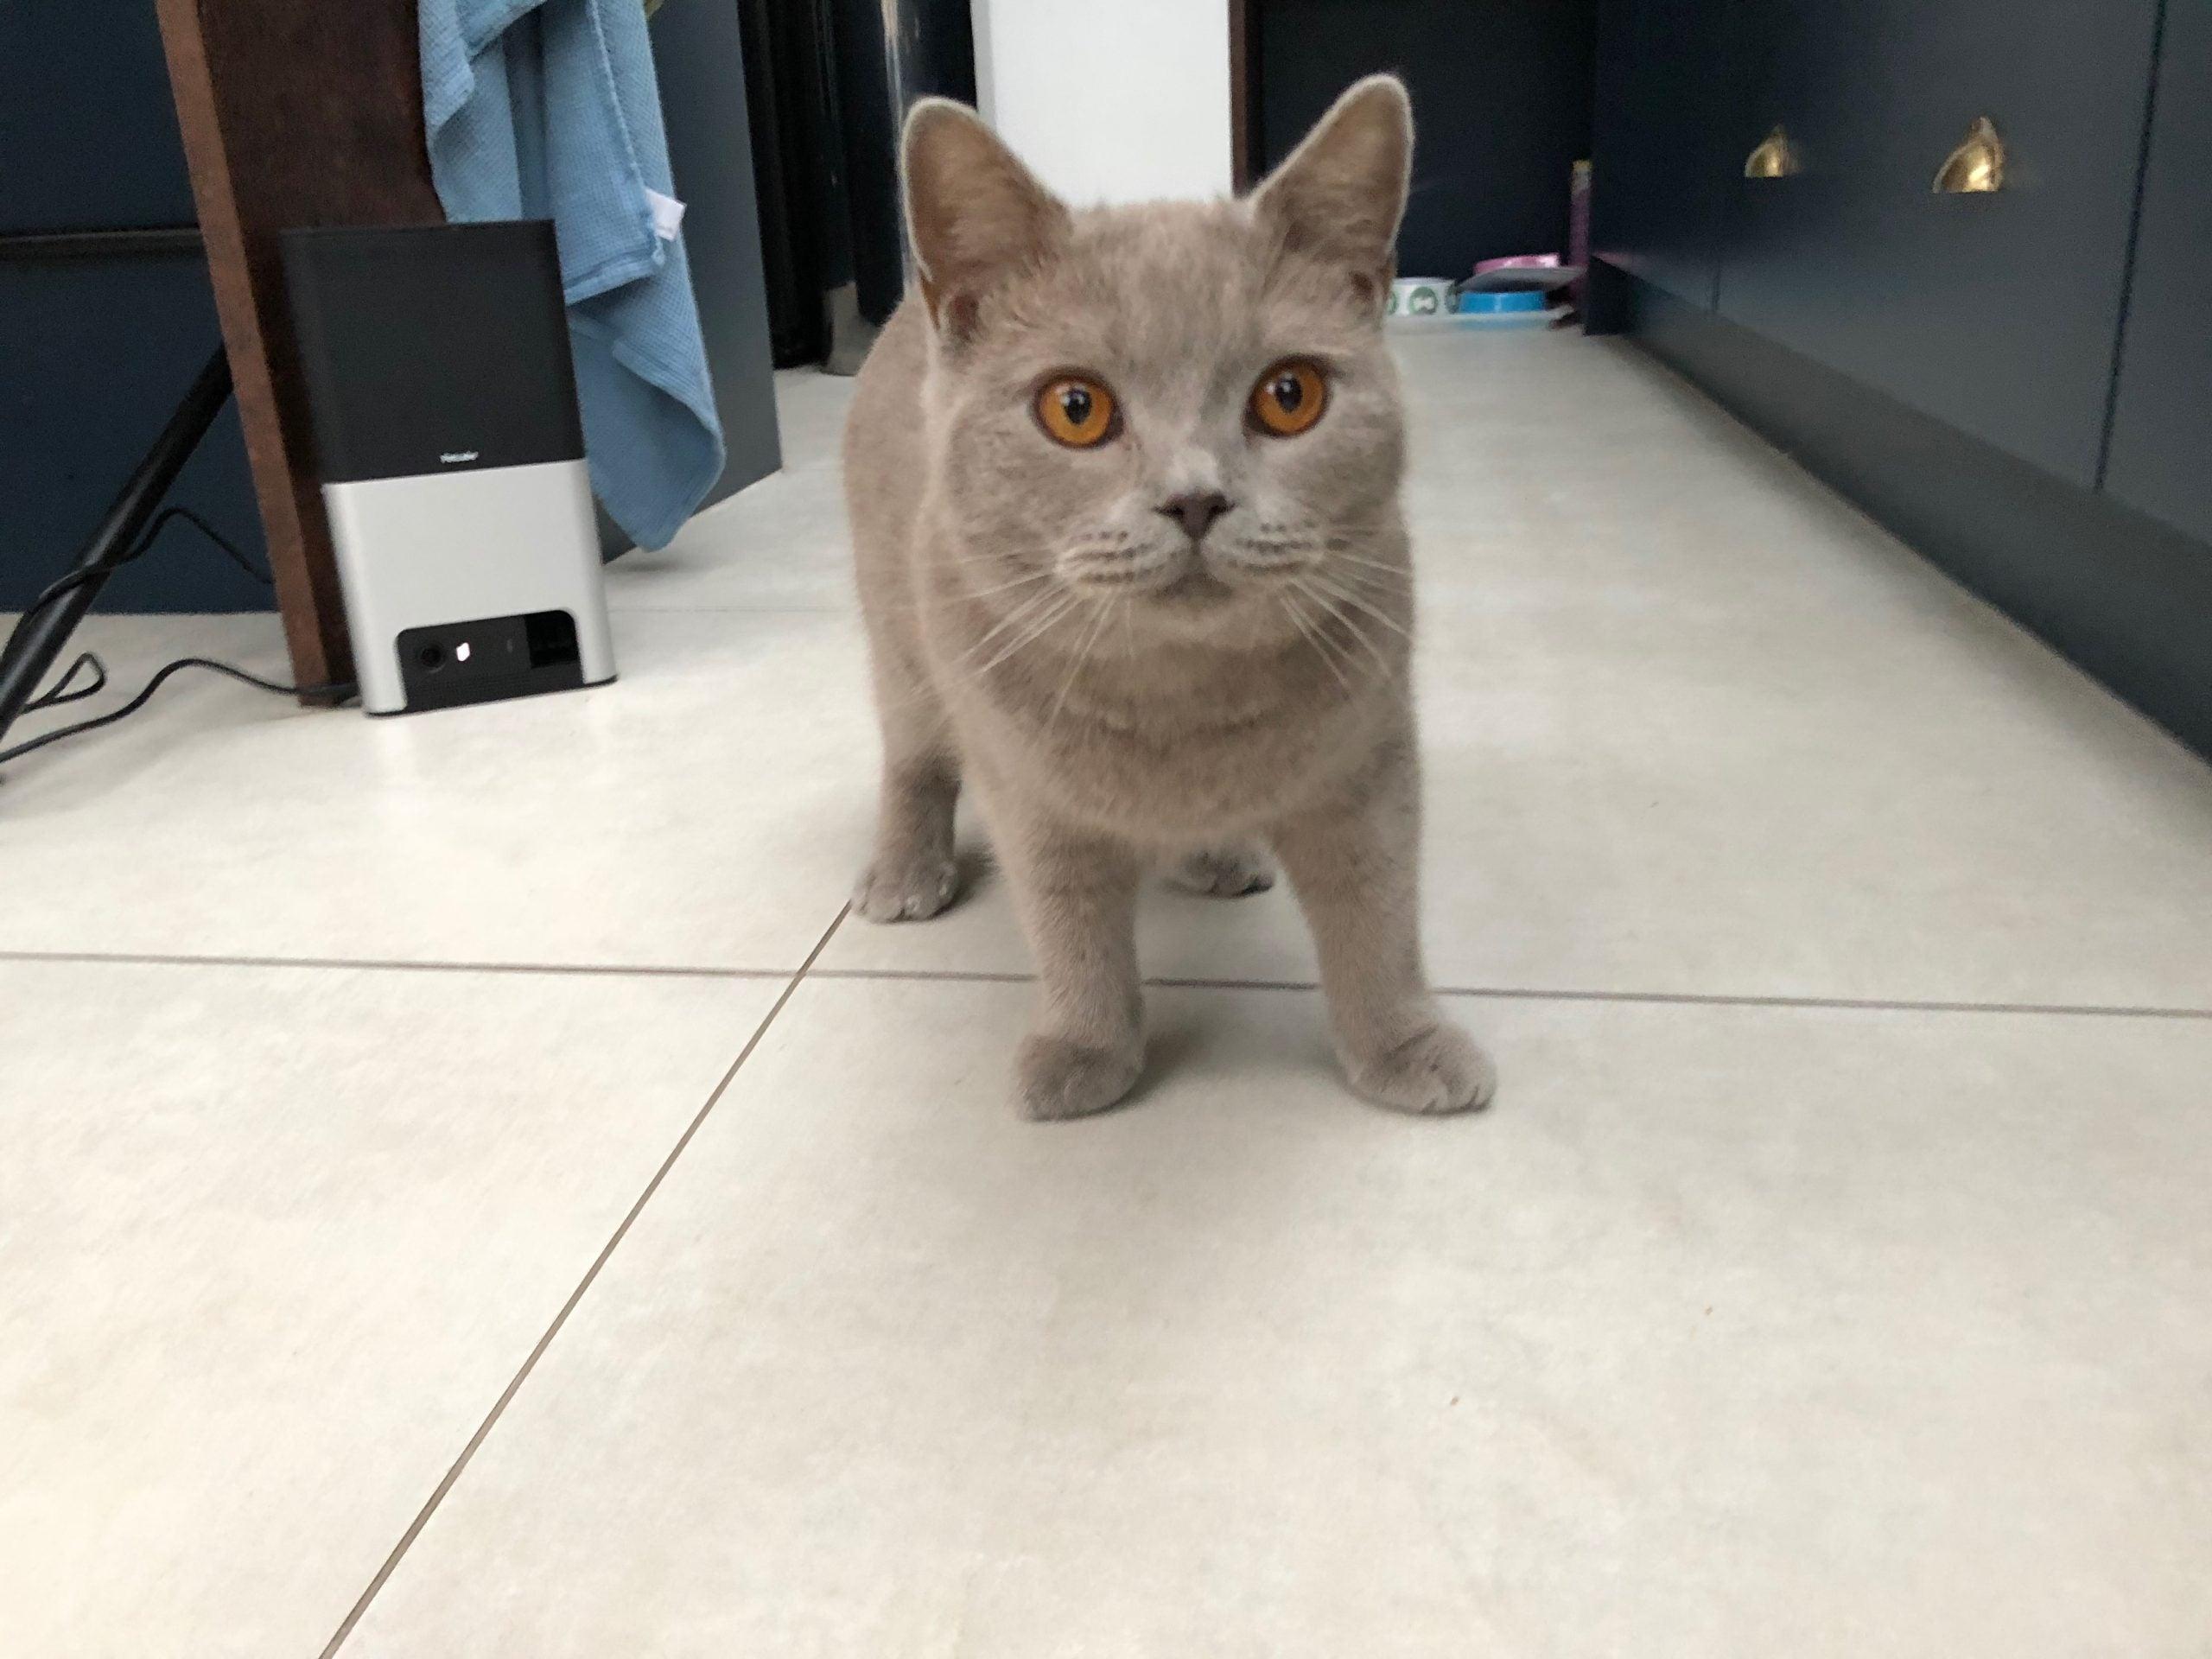 Petcube Bites 2 cat